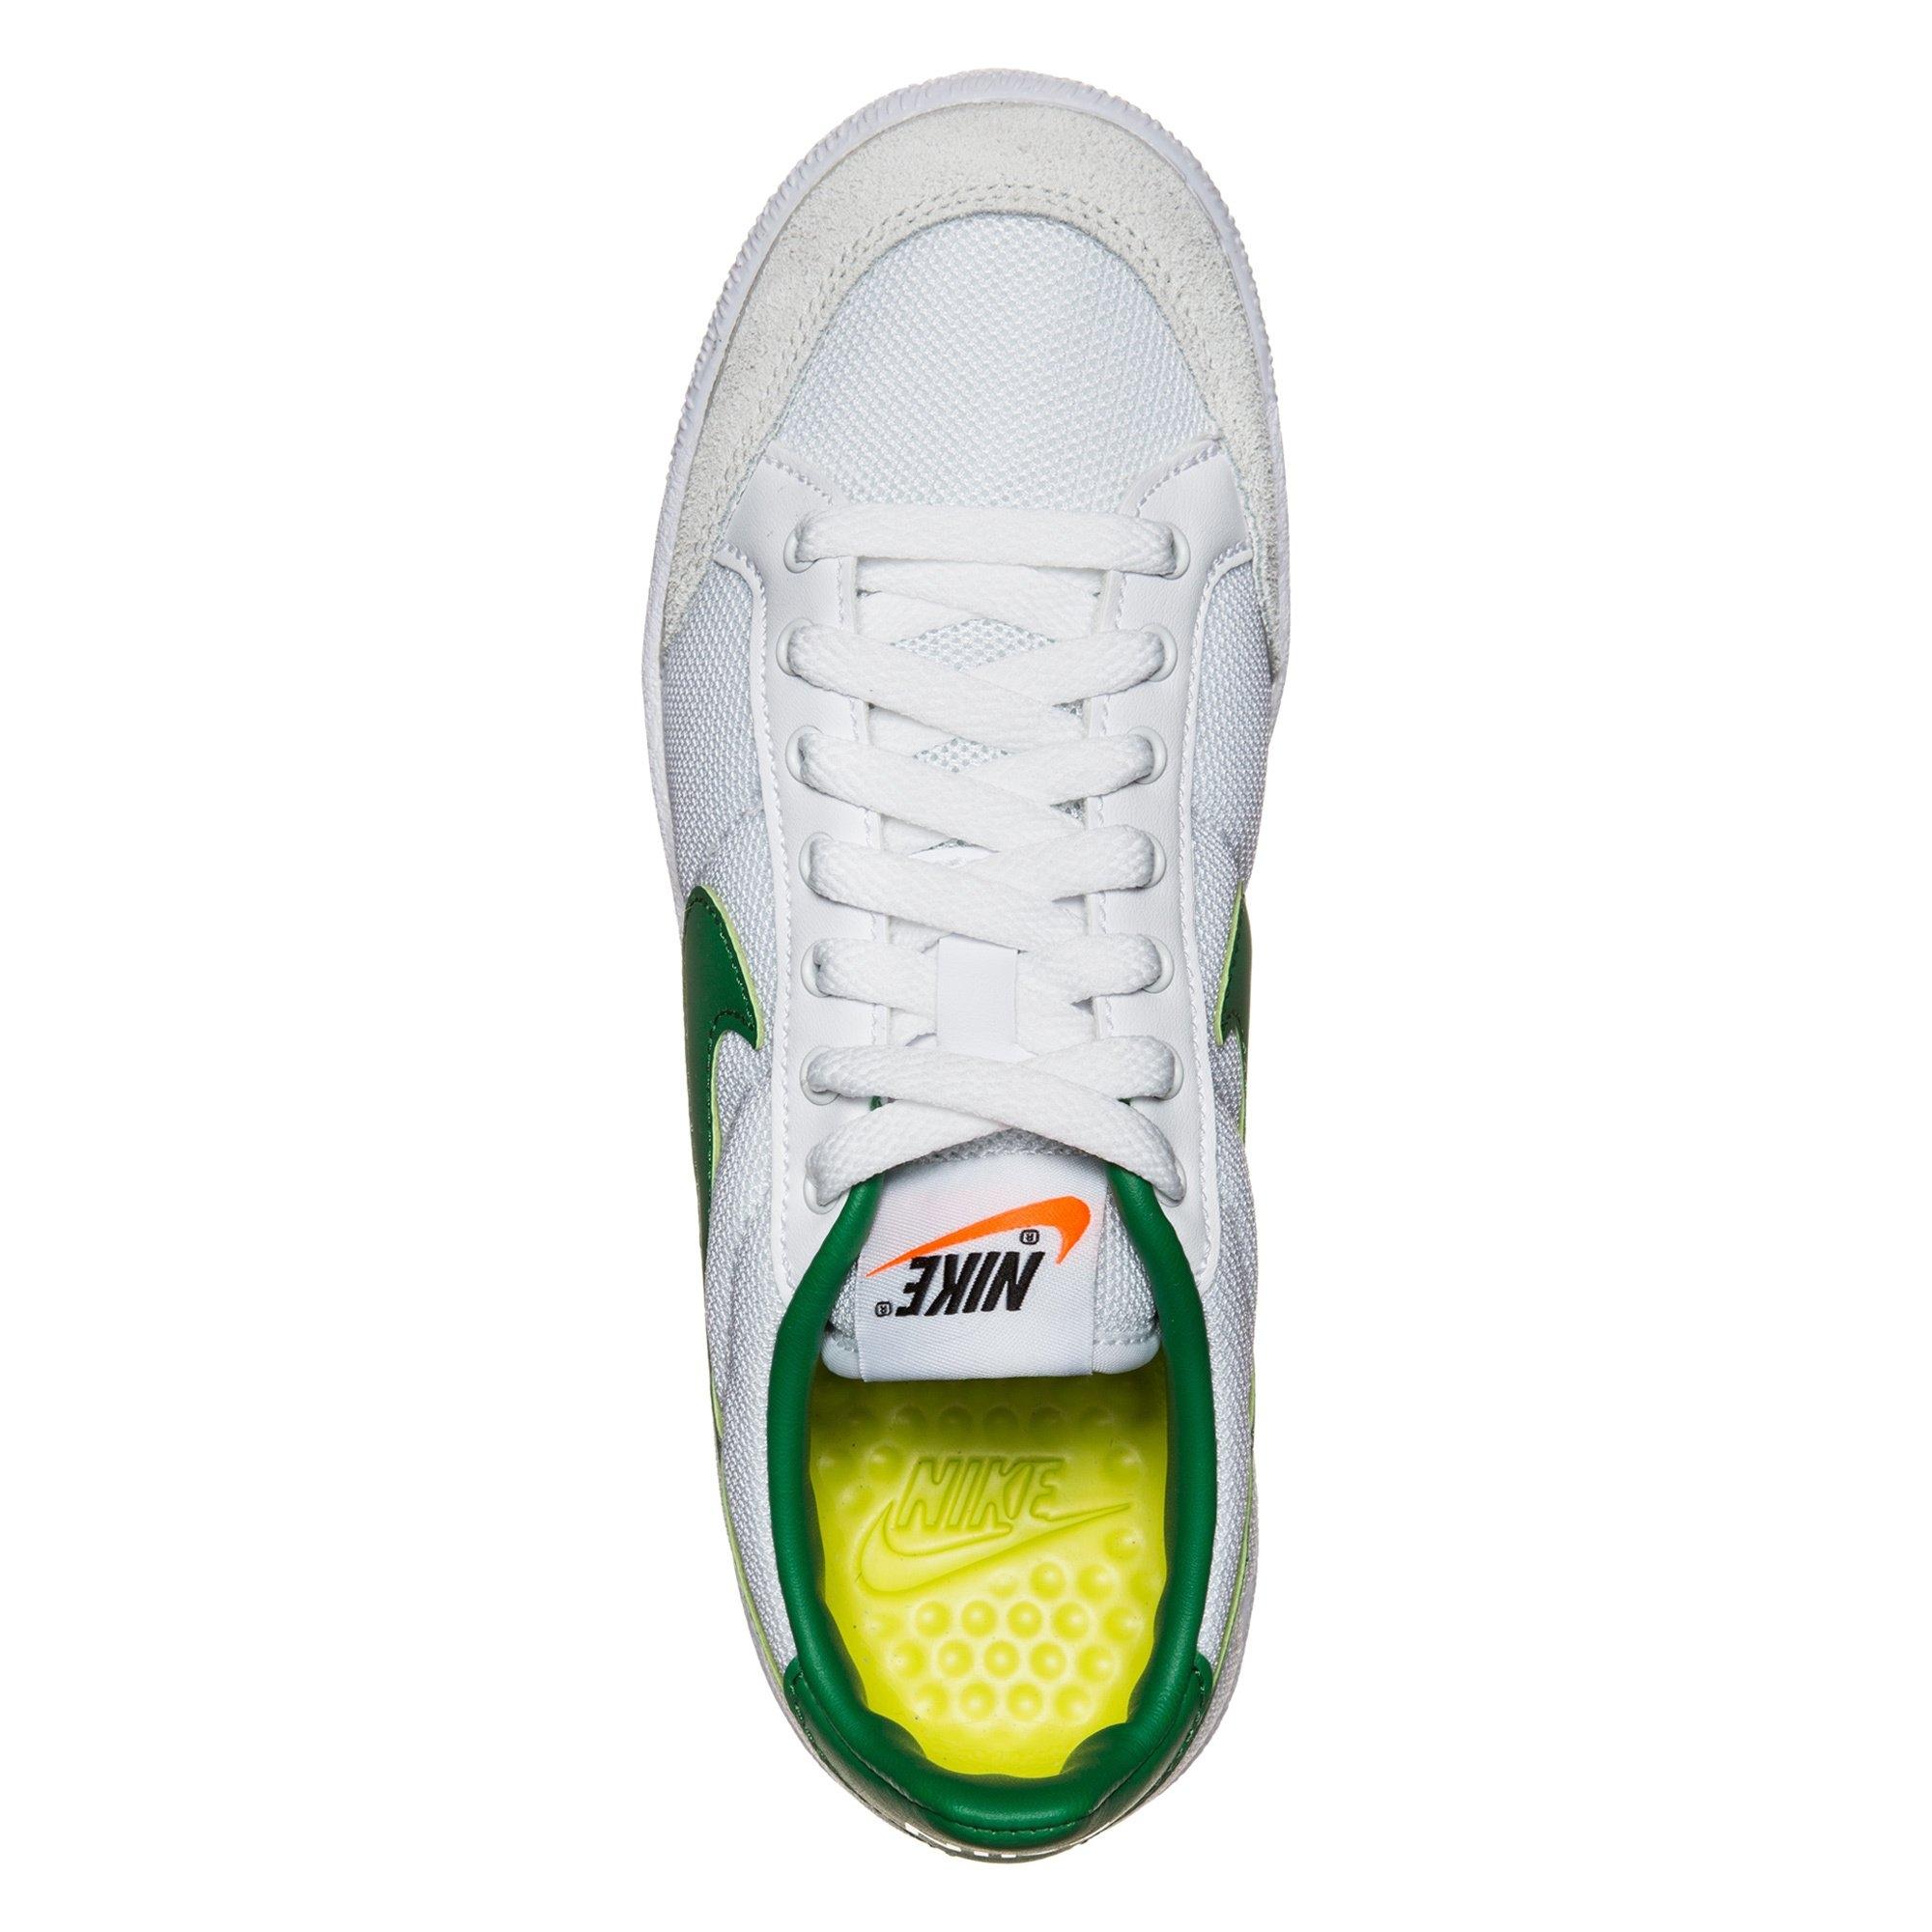 quality design 87924 f61e6 nike sportswear meadow 16 txt sneakers dames wit